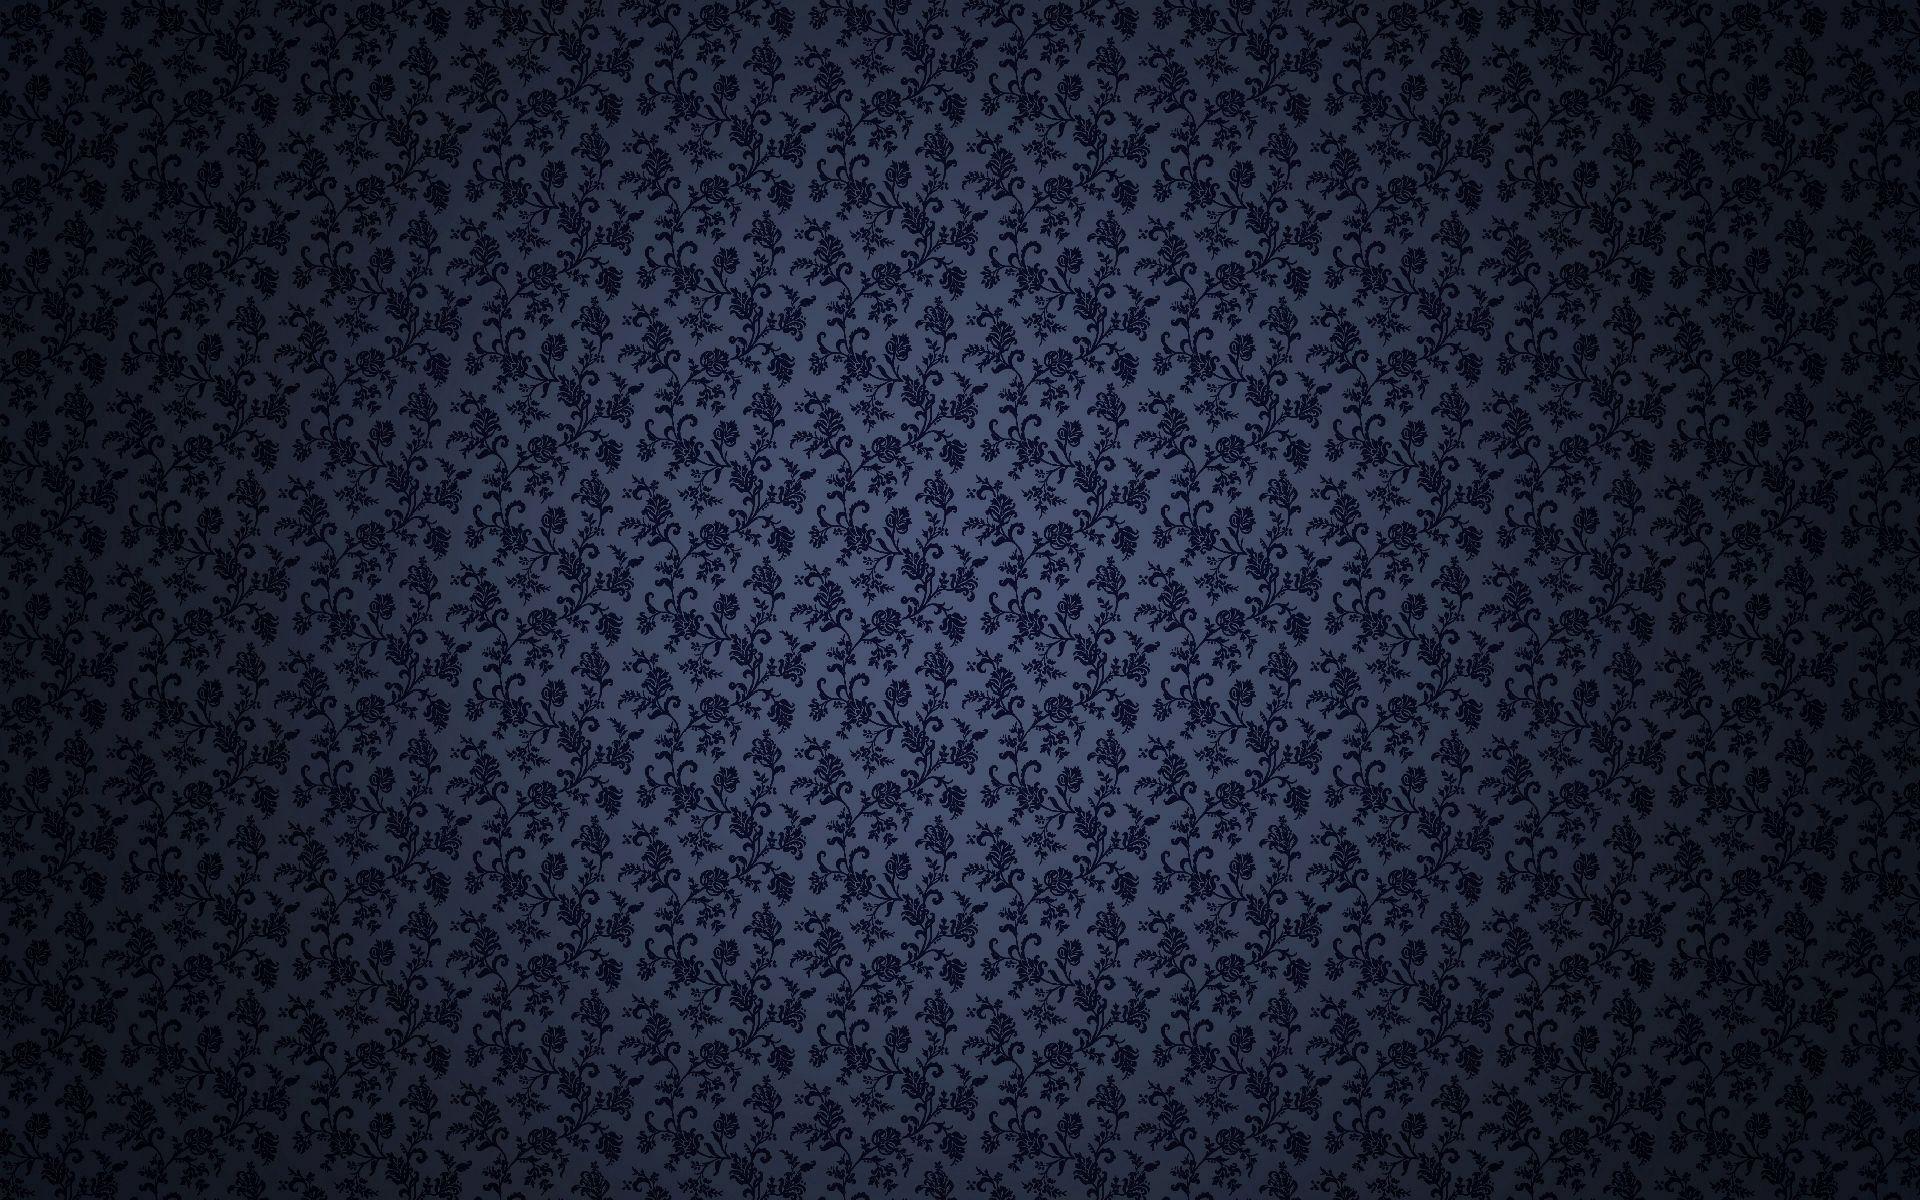 80948 скачать обои Текстуры, Бэкграунд, Текстура, Фон, Завитки, Цветочки, Узоры - заставки и картинки бесплатно